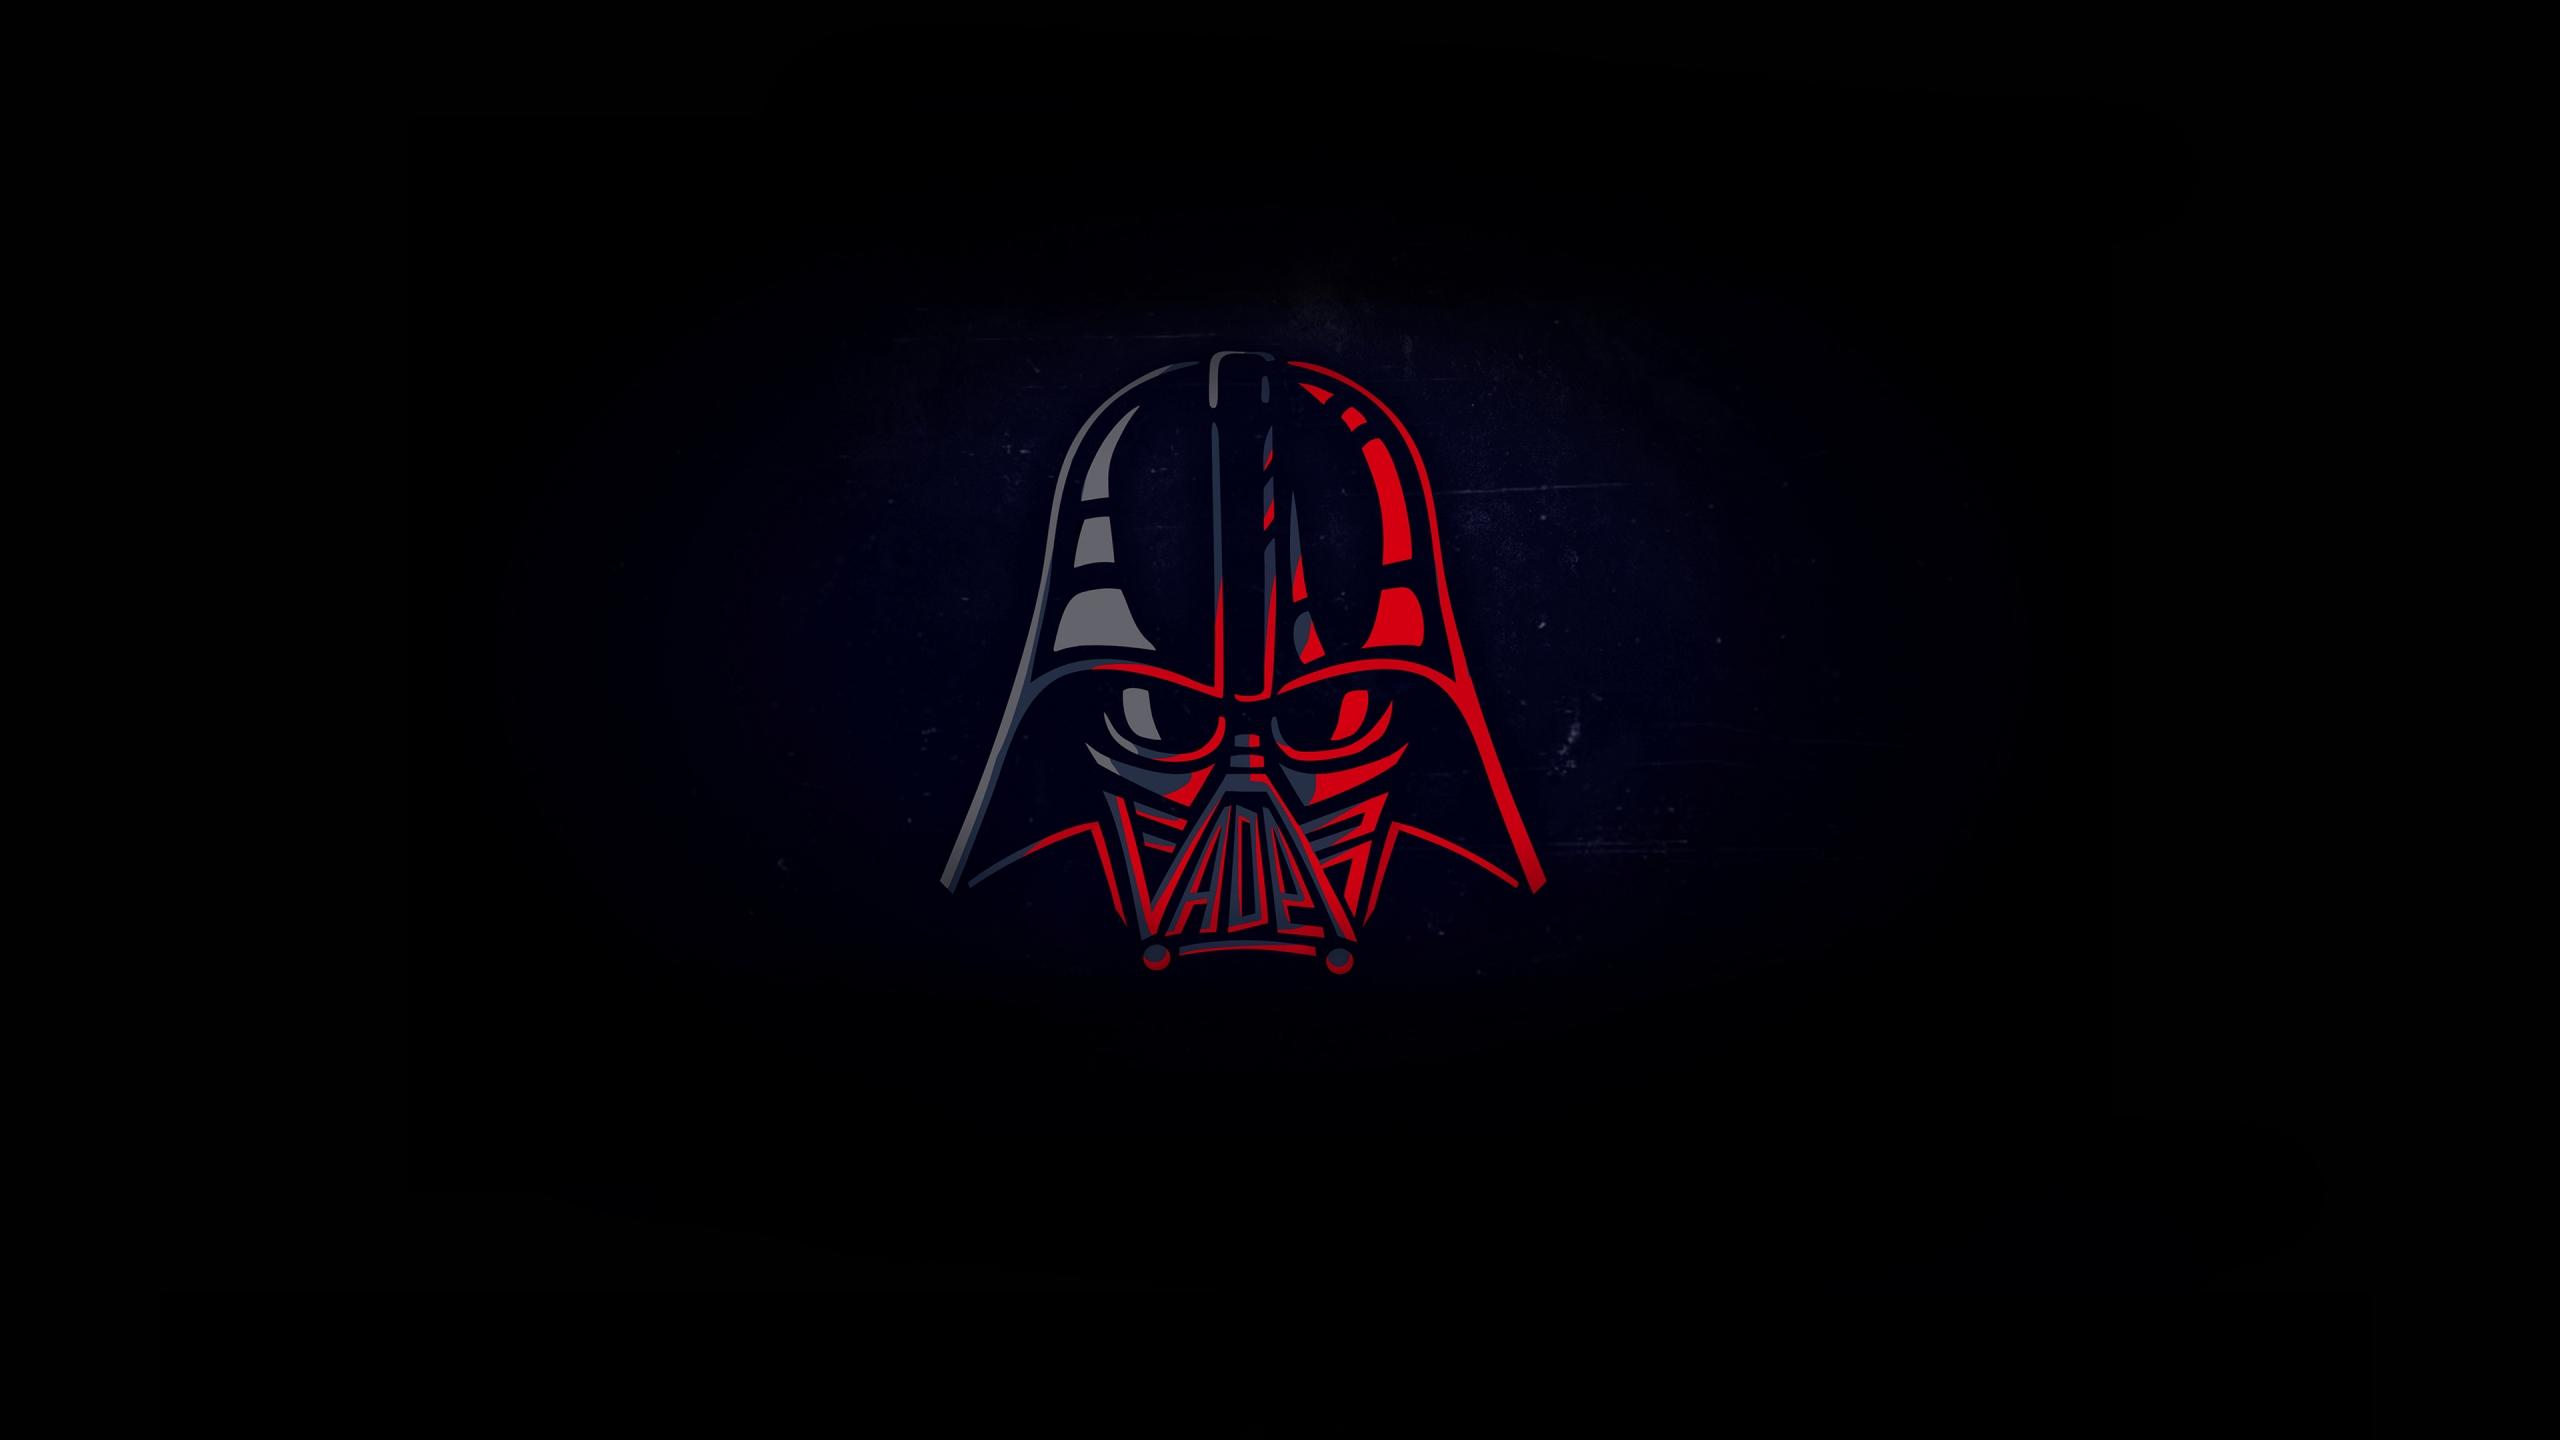 Star Wars Wallpaper 4k Darth Vader Singebloggg